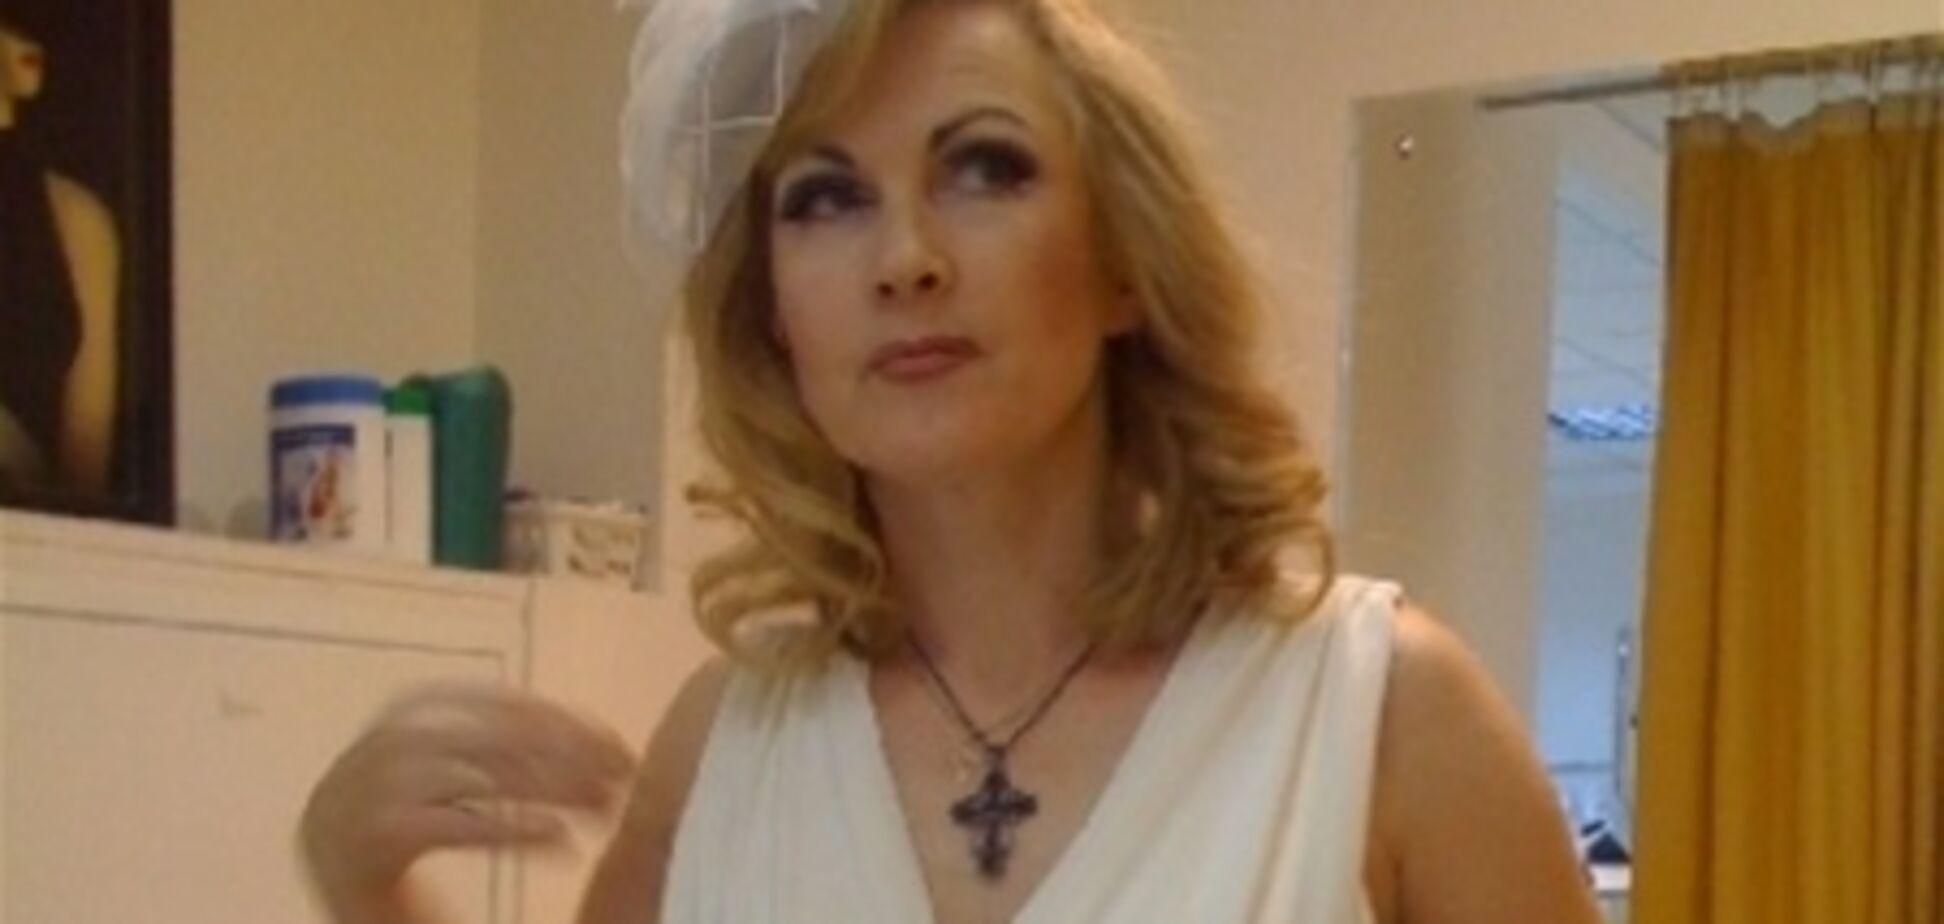 Солістка 'Міраж' виходить заміж за хлопця з інтернету